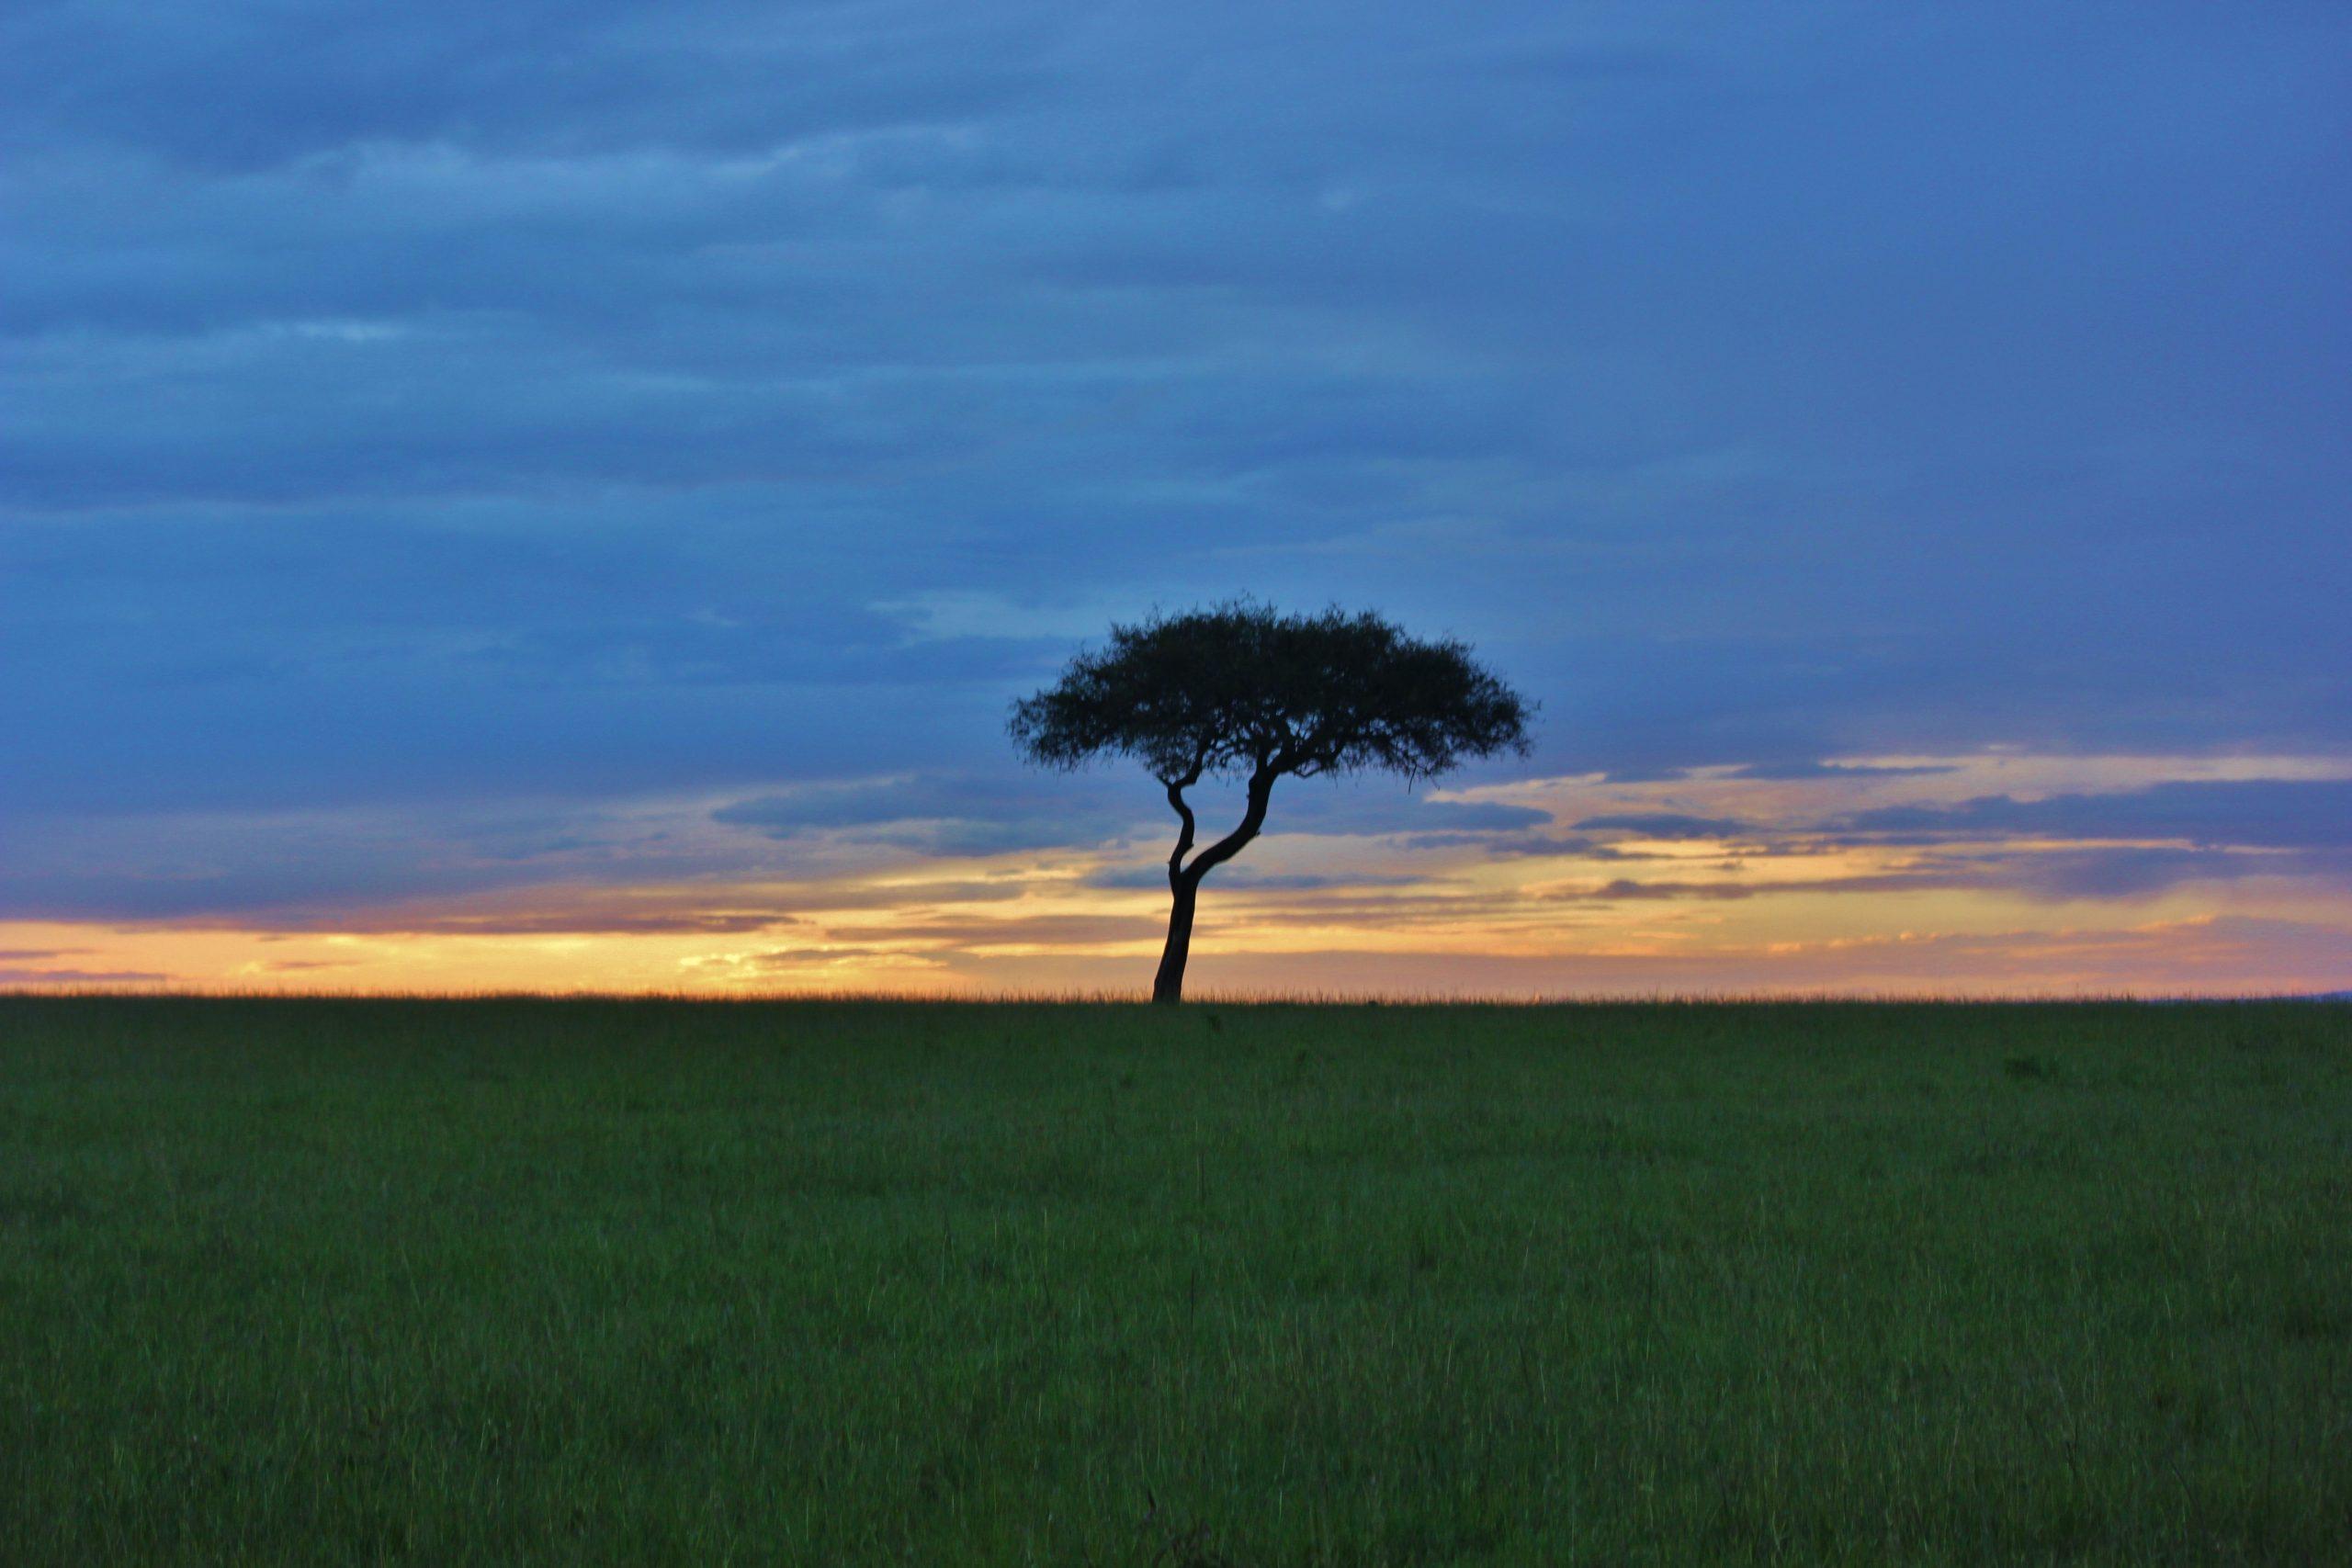 Savana grassland